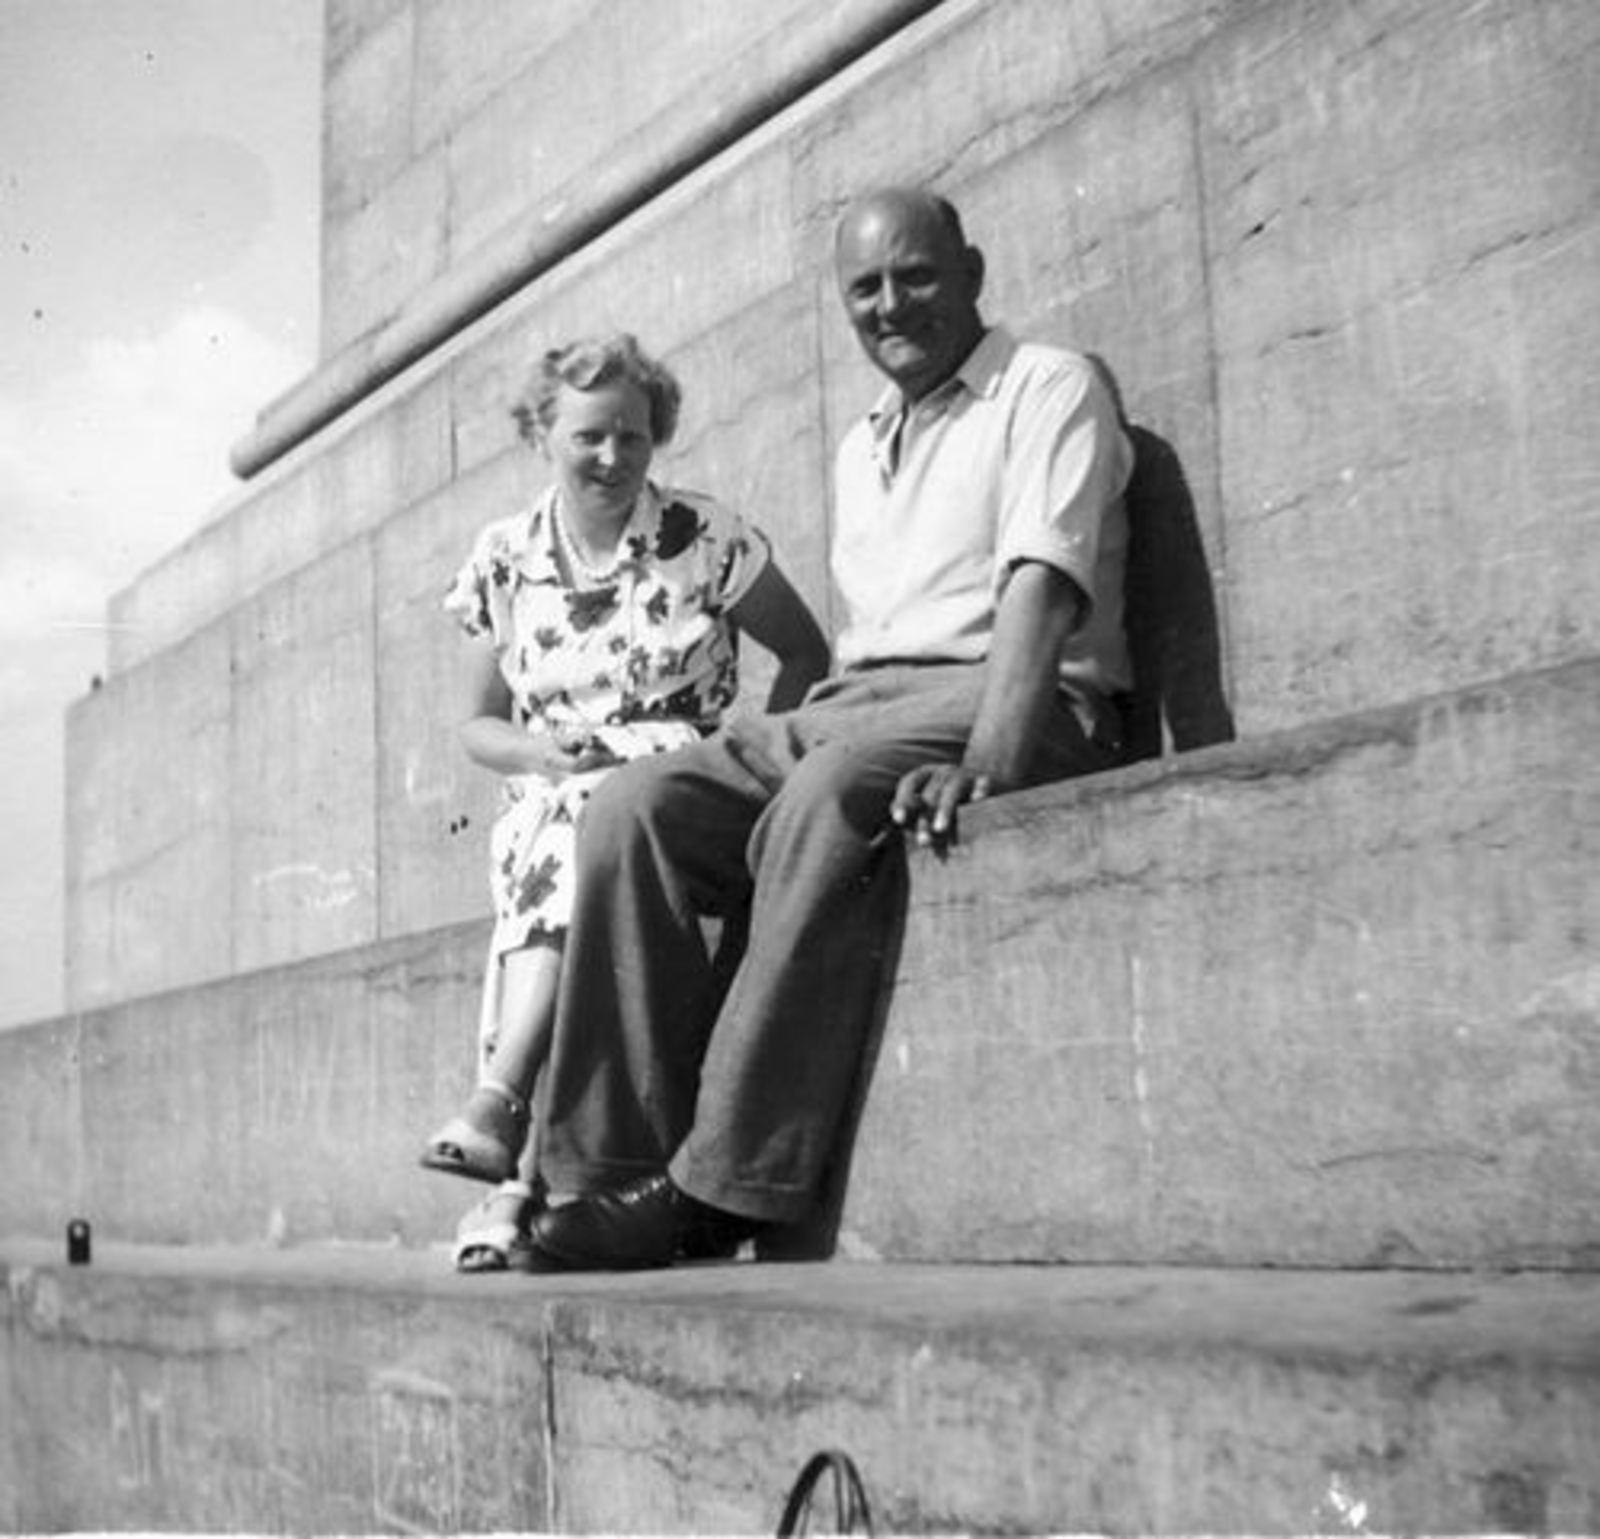 Helm Femmie vd 1952± Vakantie Belgie met Onbekend 06